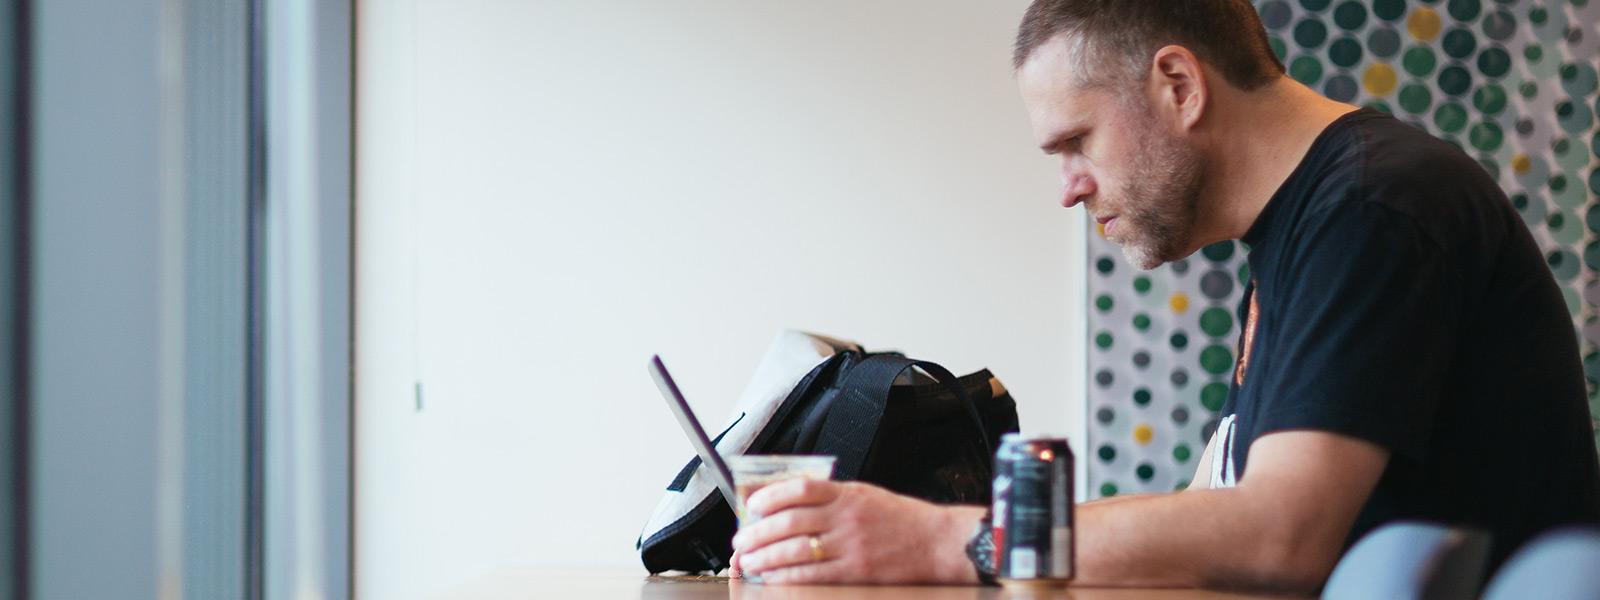 Un bărbat stând la un birou și lucrează la computerul său cu Windows 10